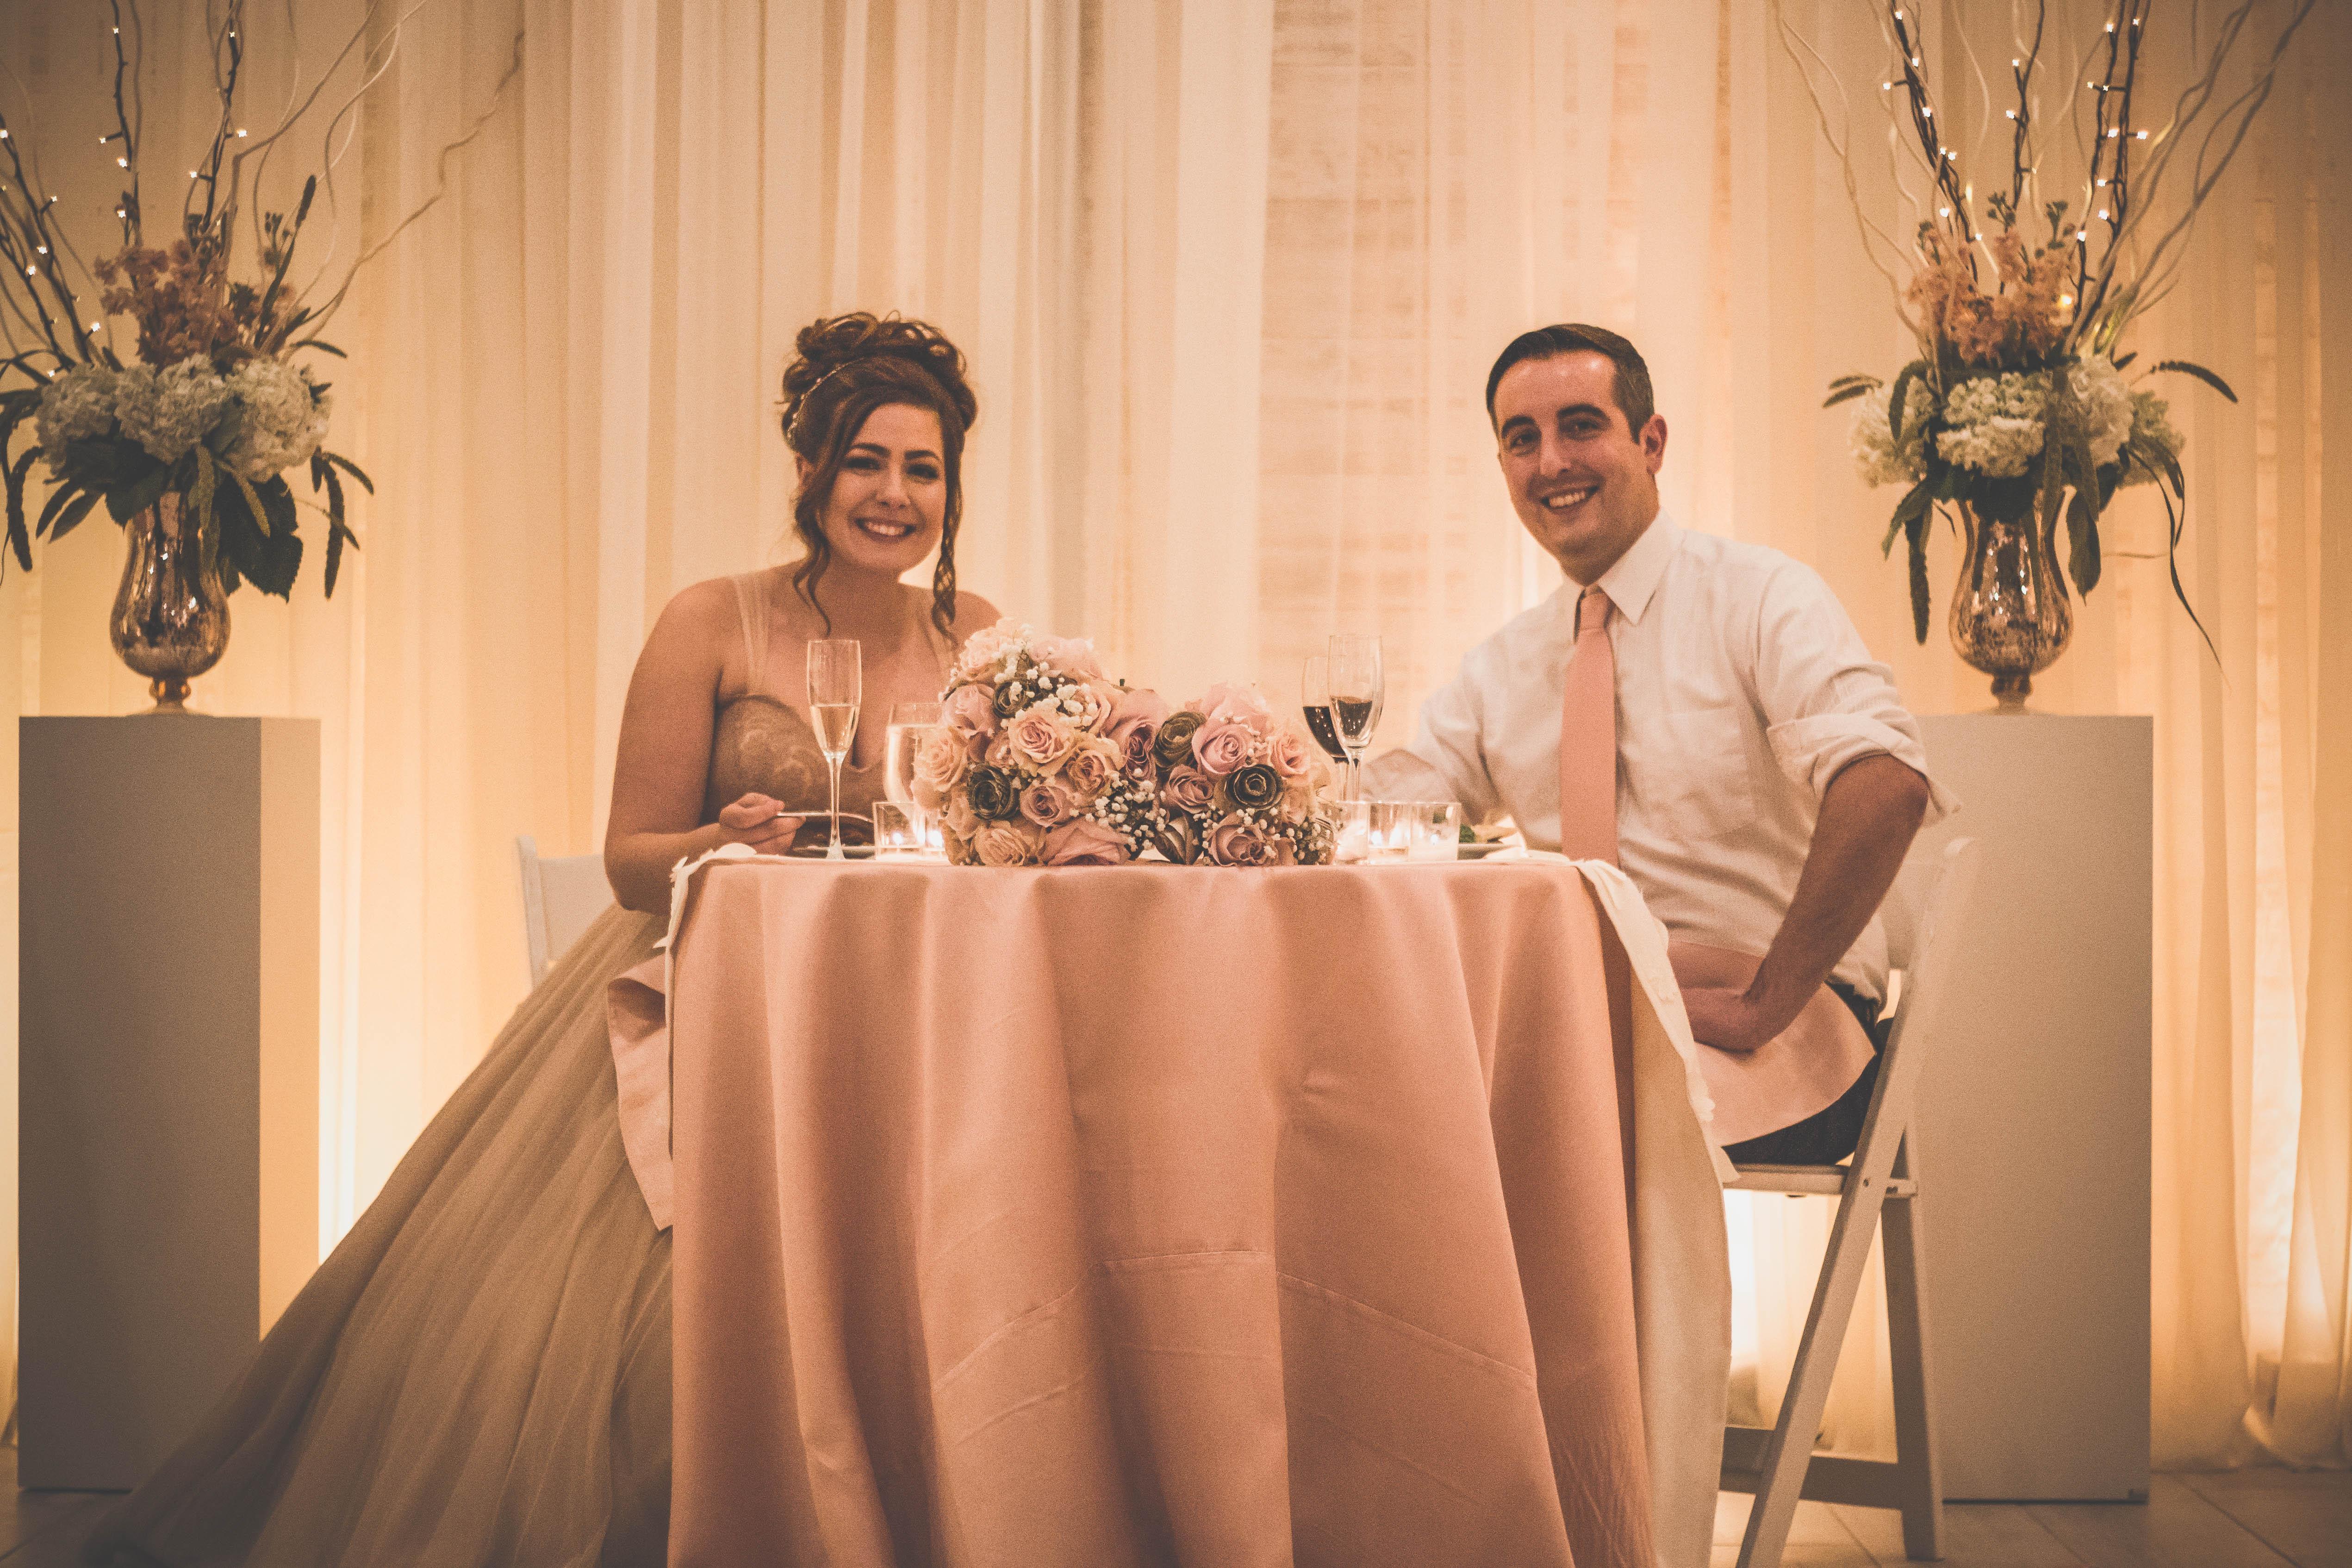 Wedding_Sweetheart_Table